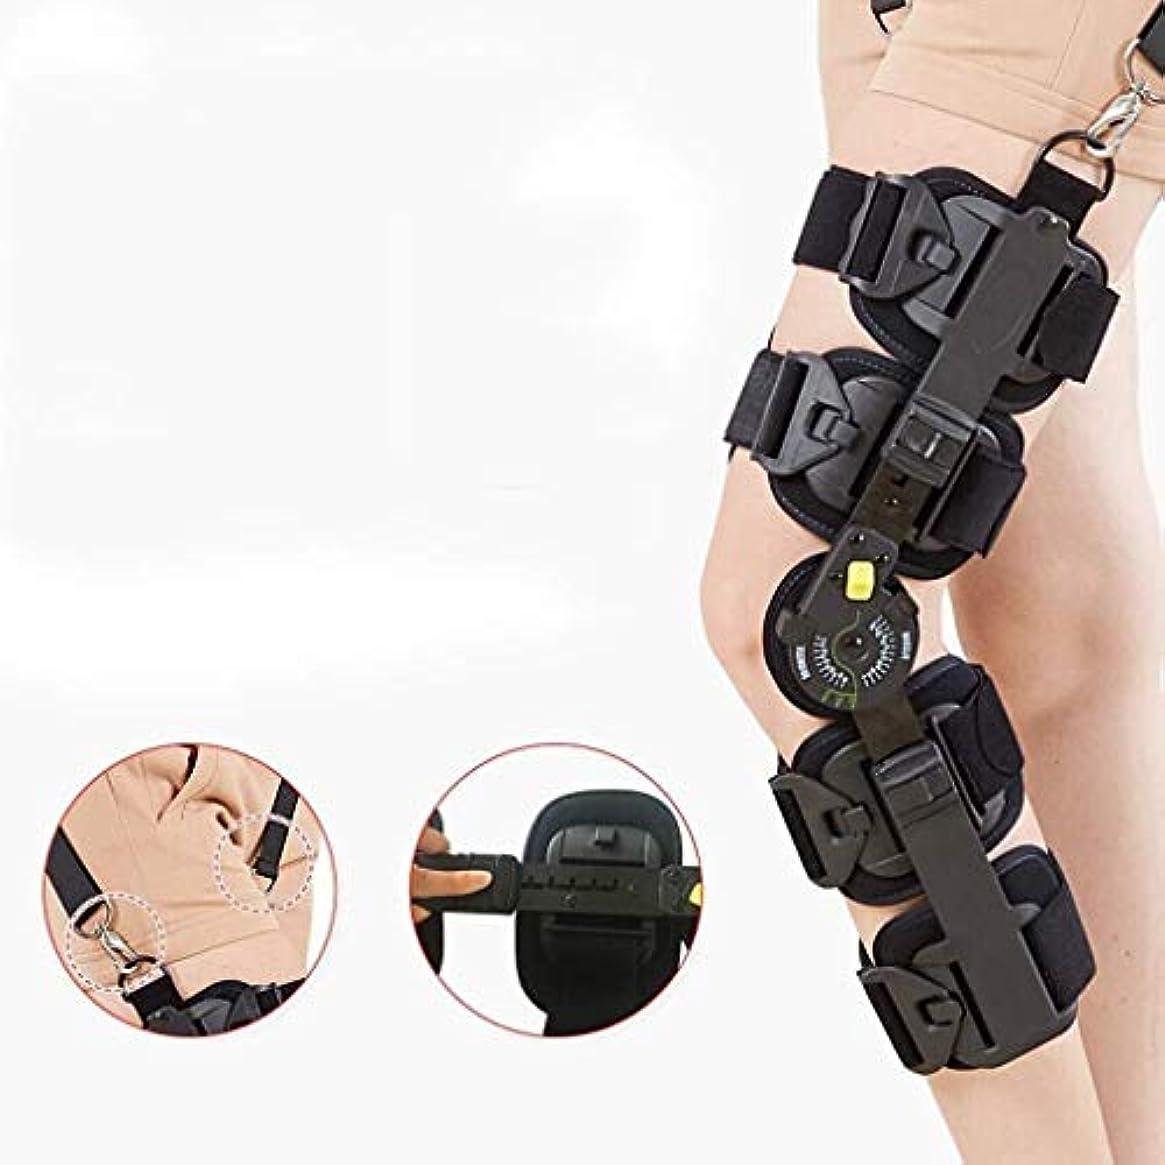 自治著作権ボットヒンジ付き膝装具-腫れたACL、腱、靭帯、および半月板の損傷に対する調節可能なオープン膝蓋骨サポート-ランニング、レスリング、関節炎の関節の運動圧縮ラップ